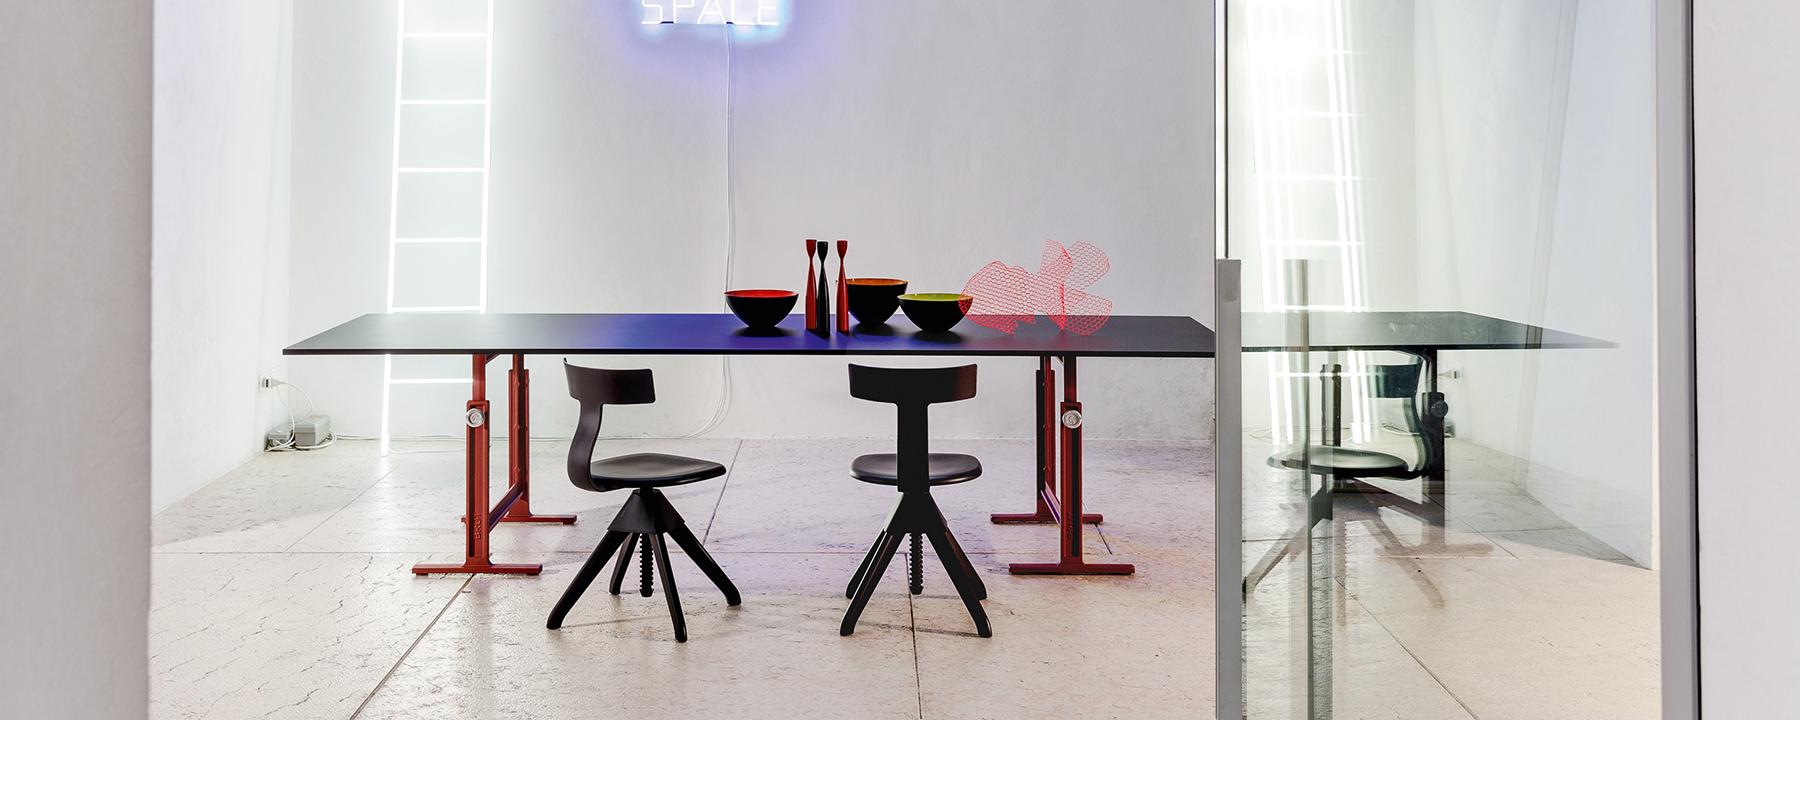 mobilier interieur moderne table et chaises annecy bureau